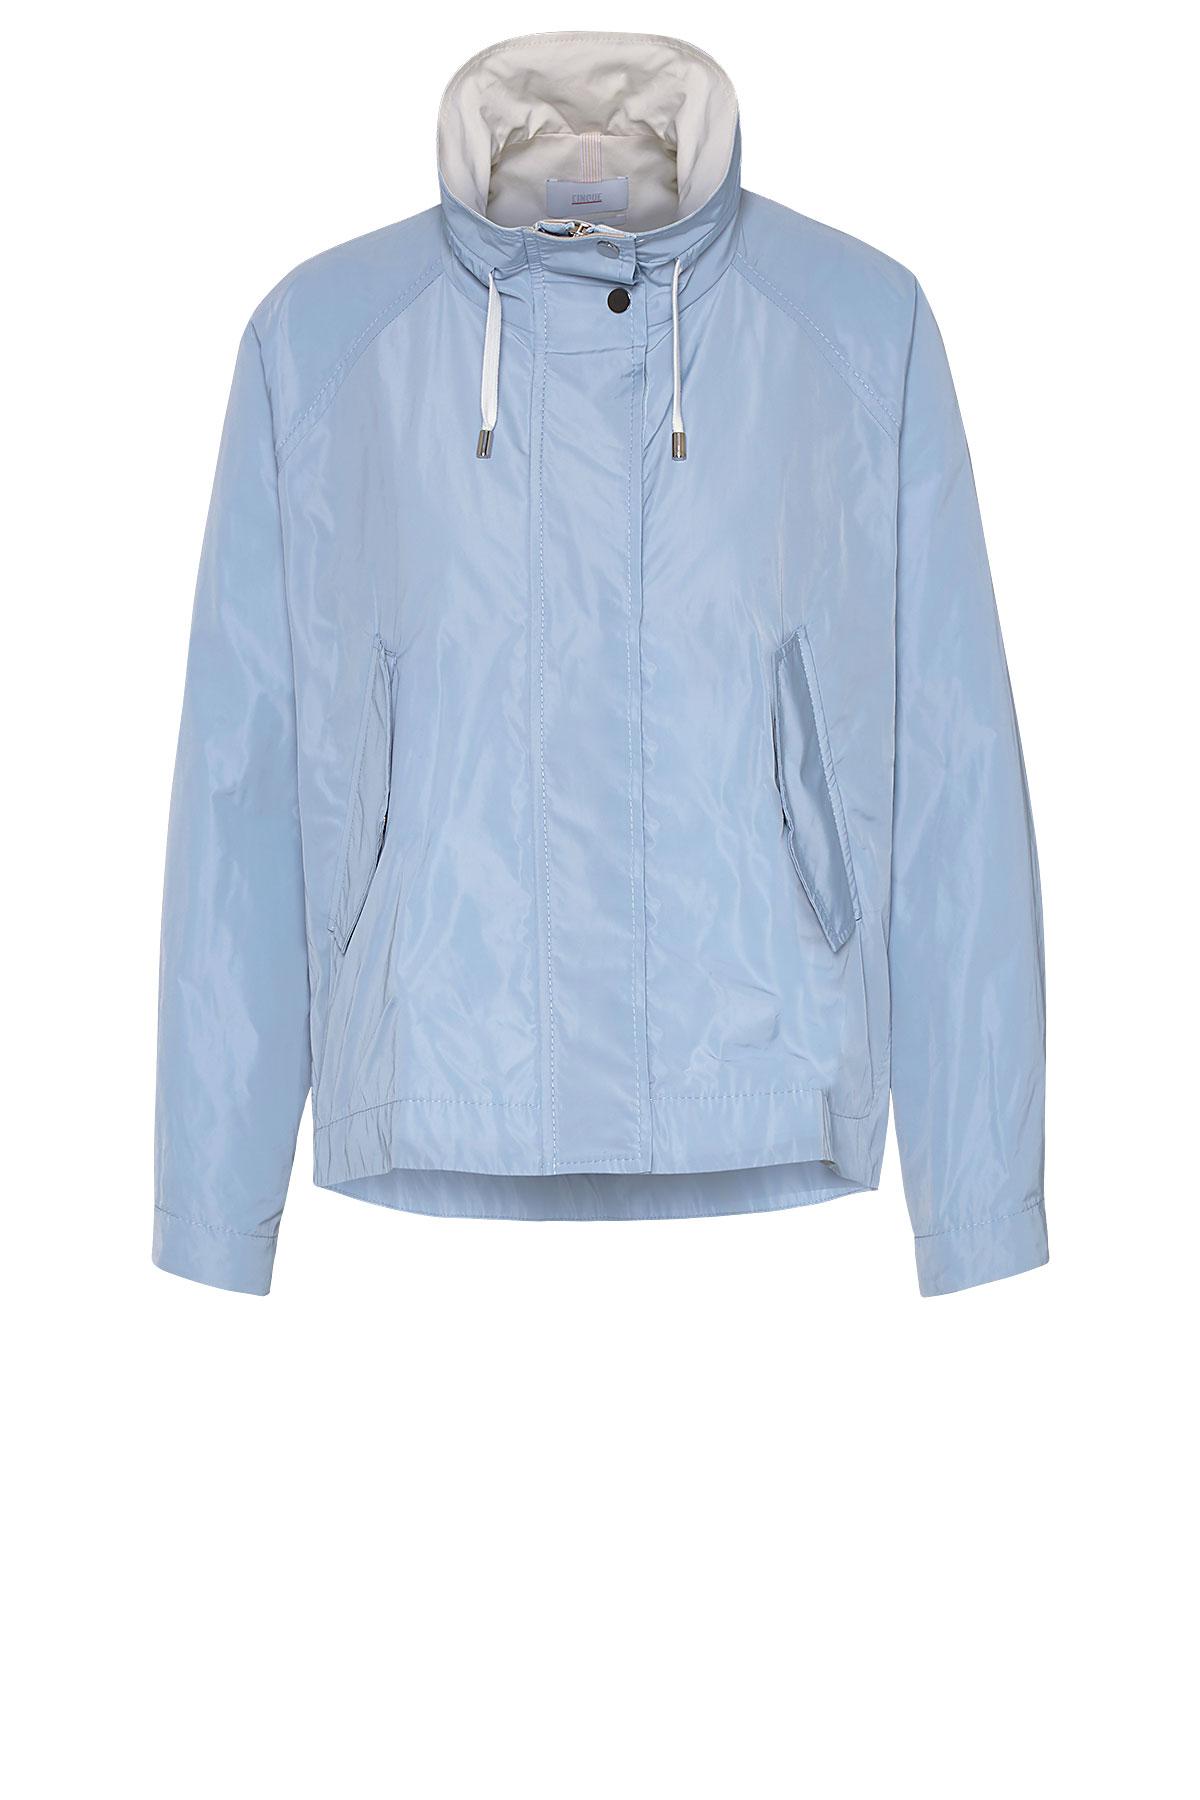 Cinque Jacke mit Stehkragen blau